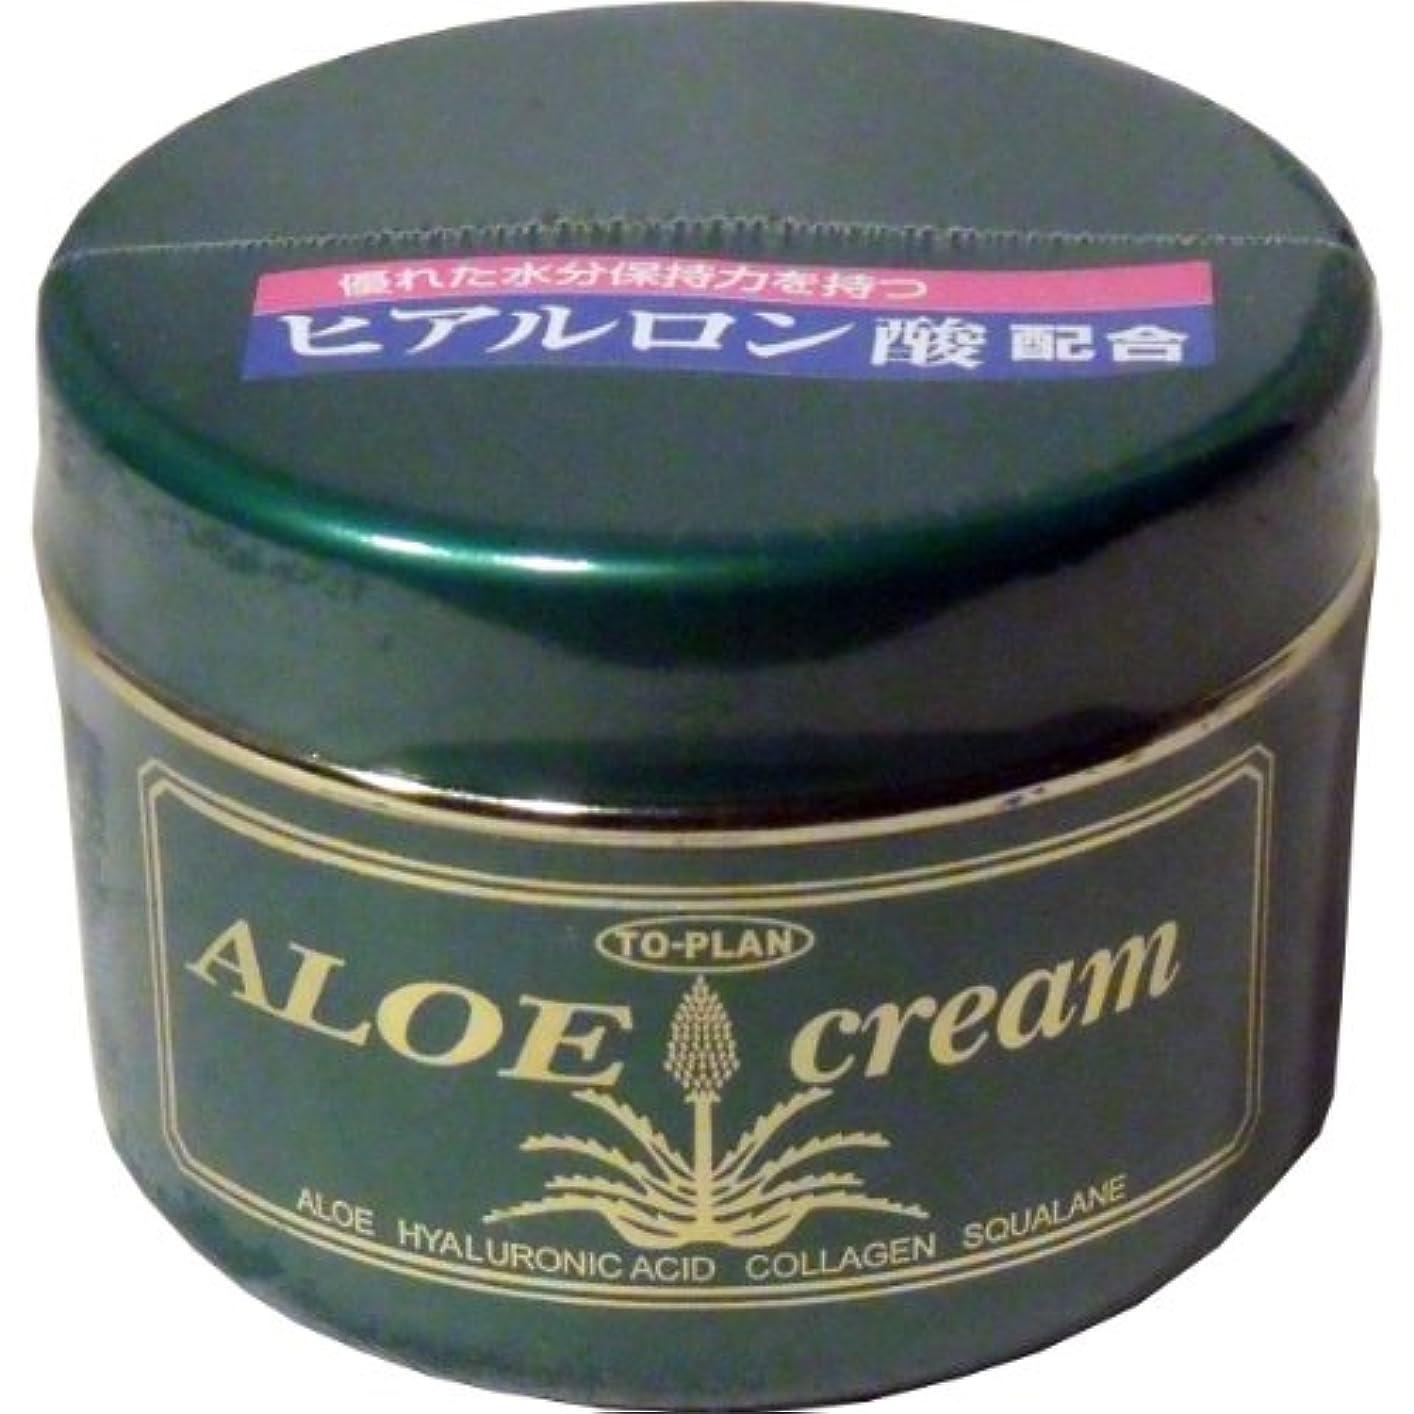 十分な文メモトプラン ハーブフレッシュクリーム(アロエクリーム) ヒアルロン酸 170g ×6個セット